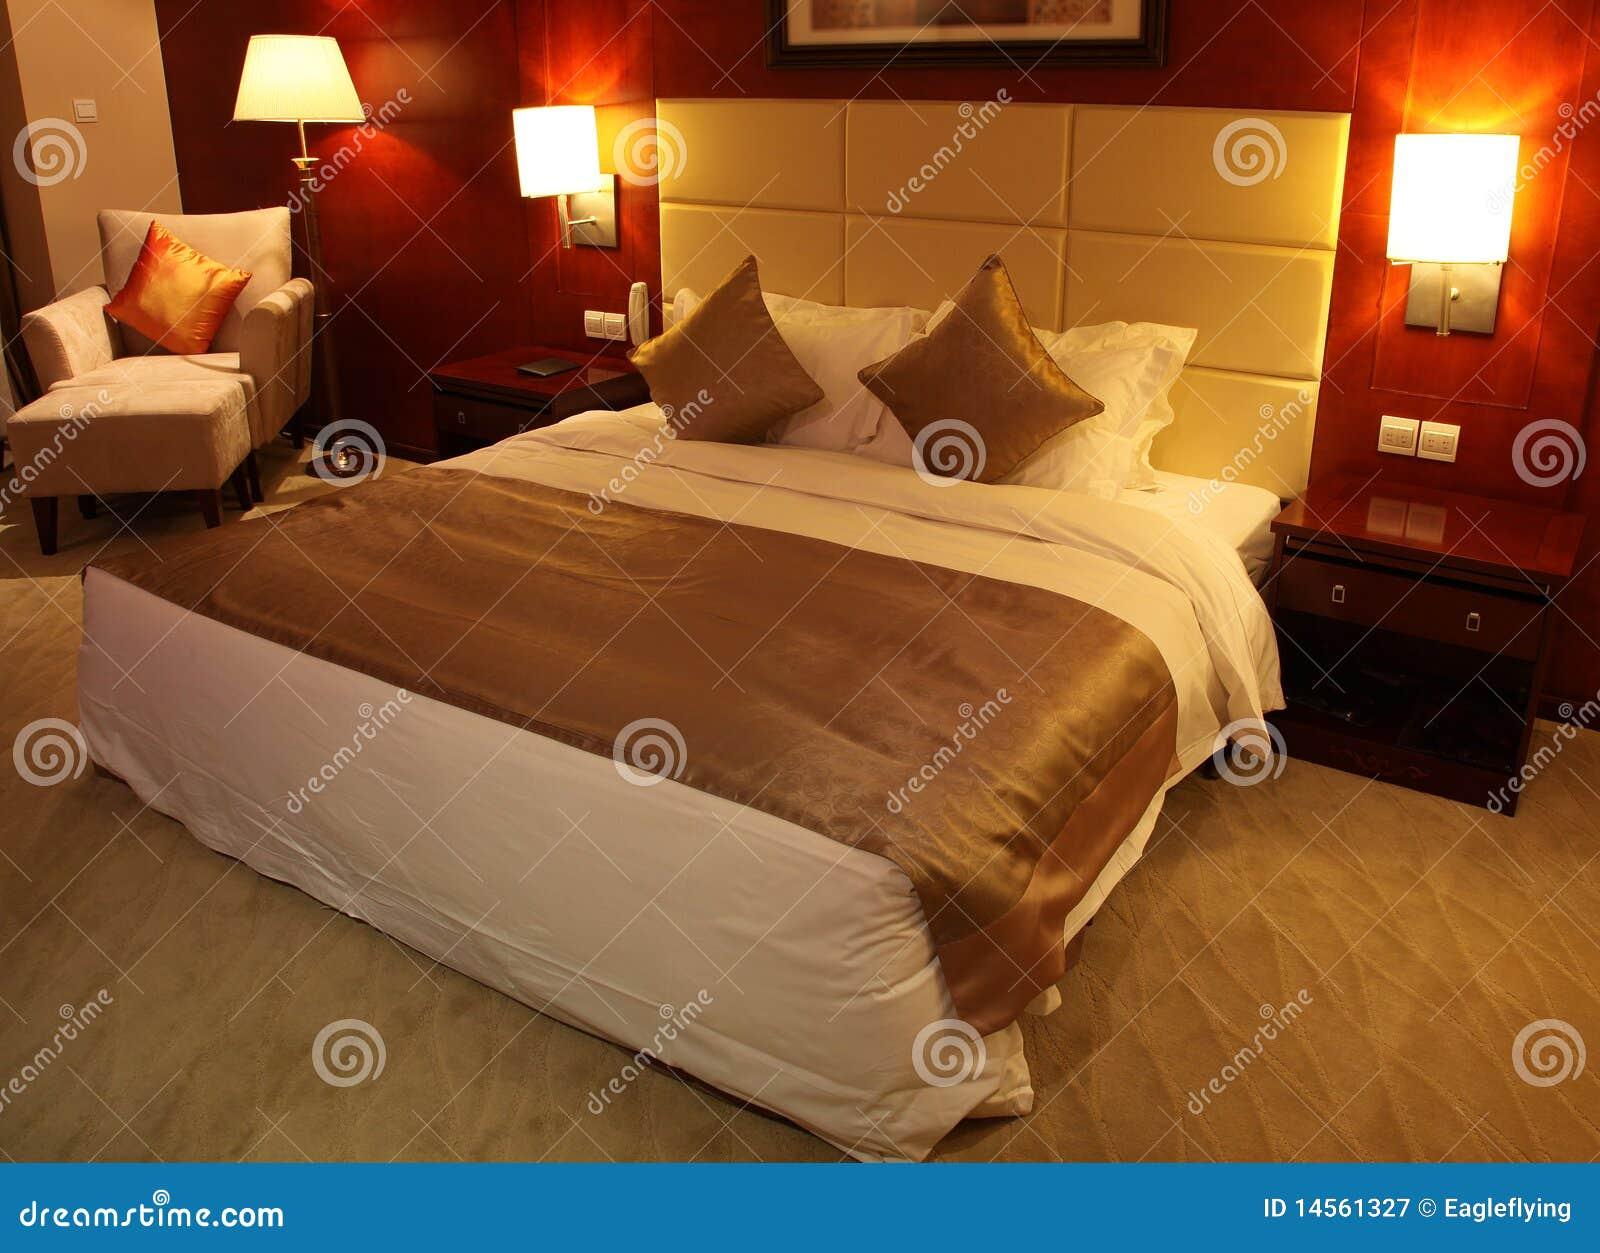 Chambre d 39 h tel de luxe la nuit photographie stock libre for Chambre no 13